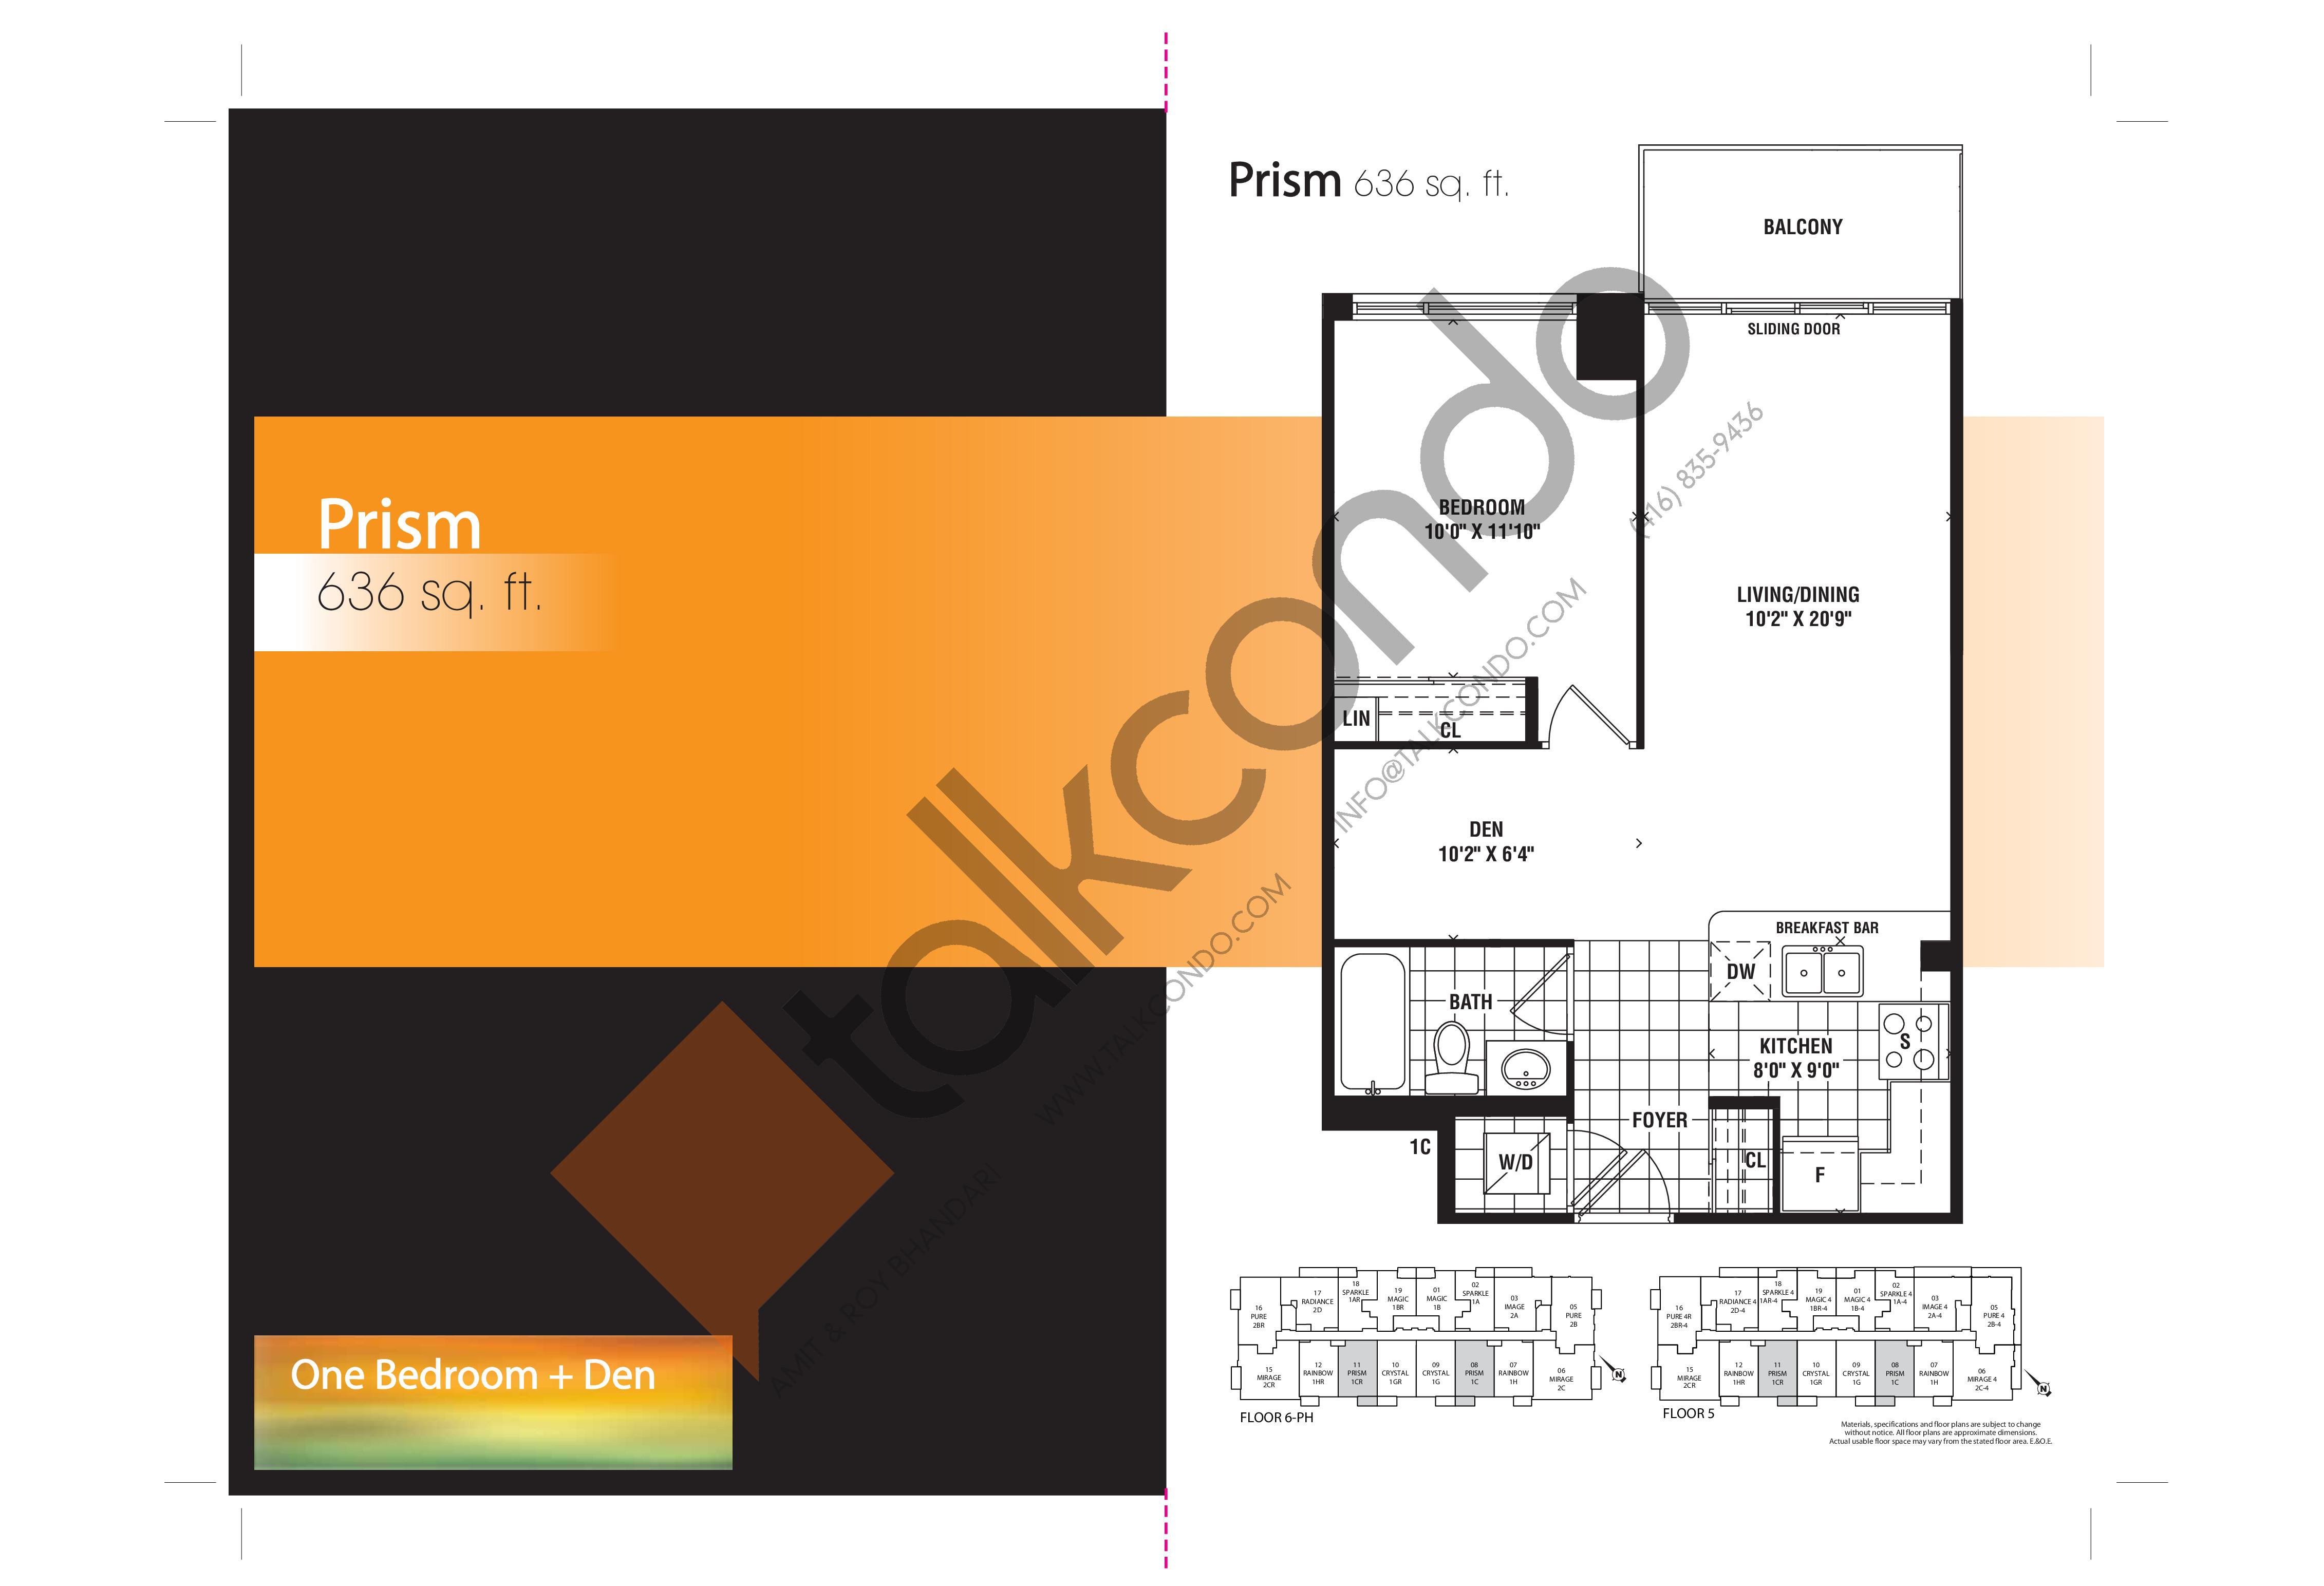 Prism Floor Plan at Mirage Condos - 636 sq.ft